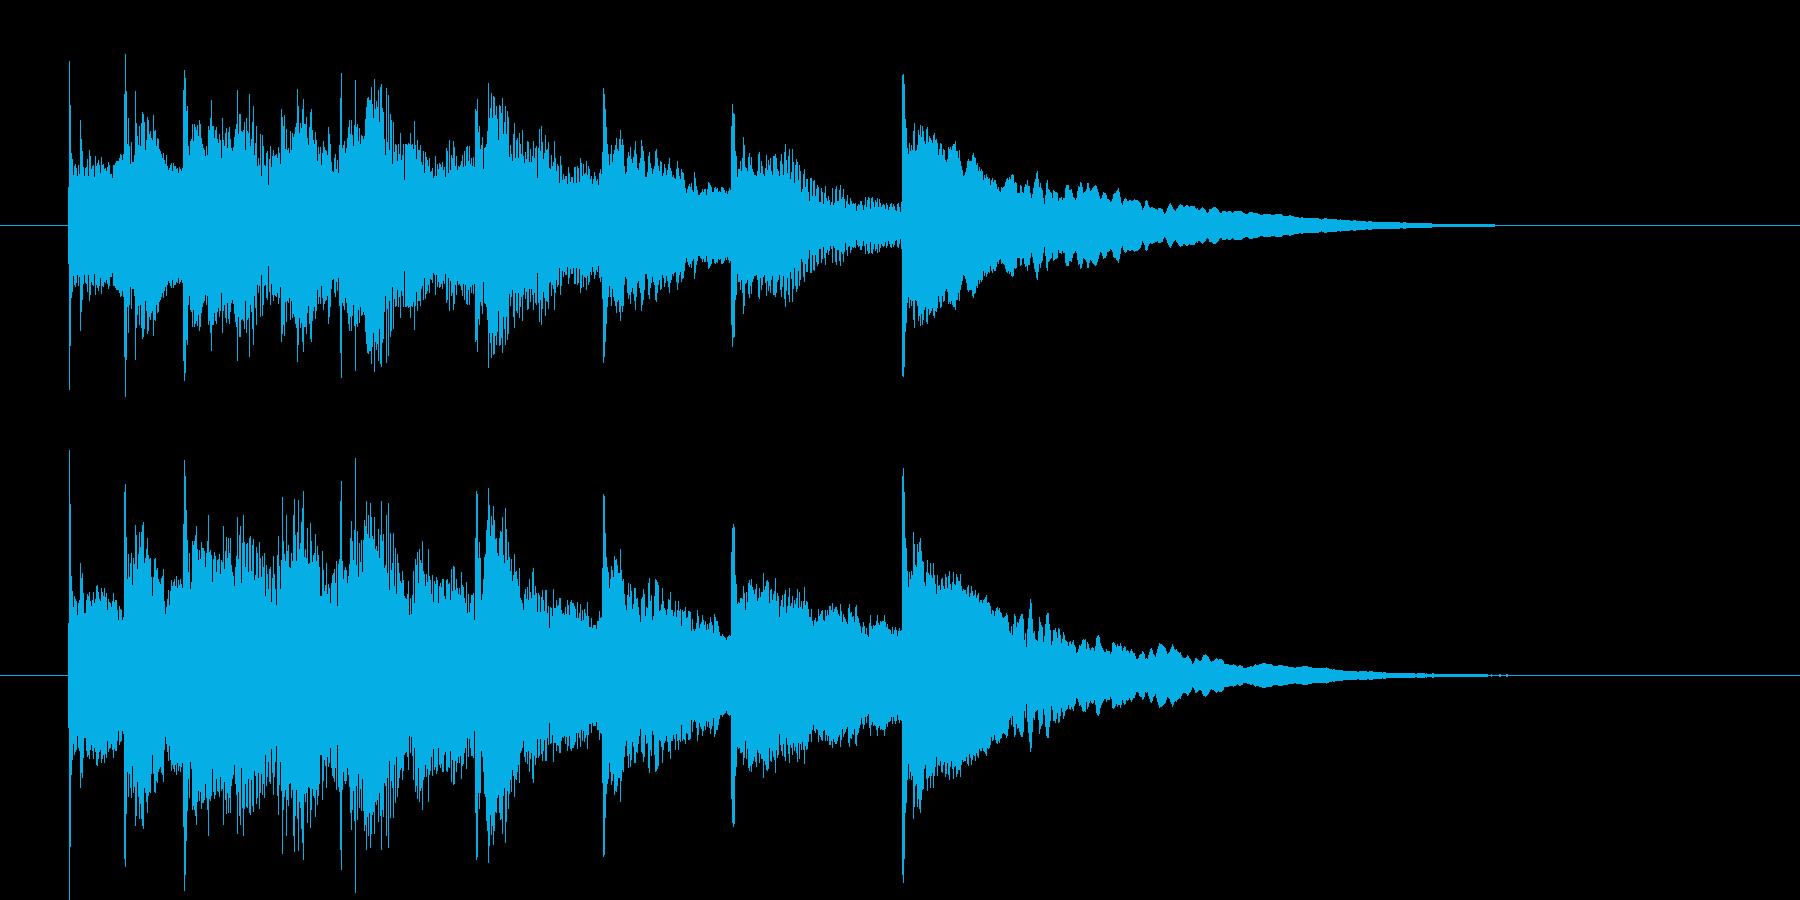 琴の音色の再生済みの波形